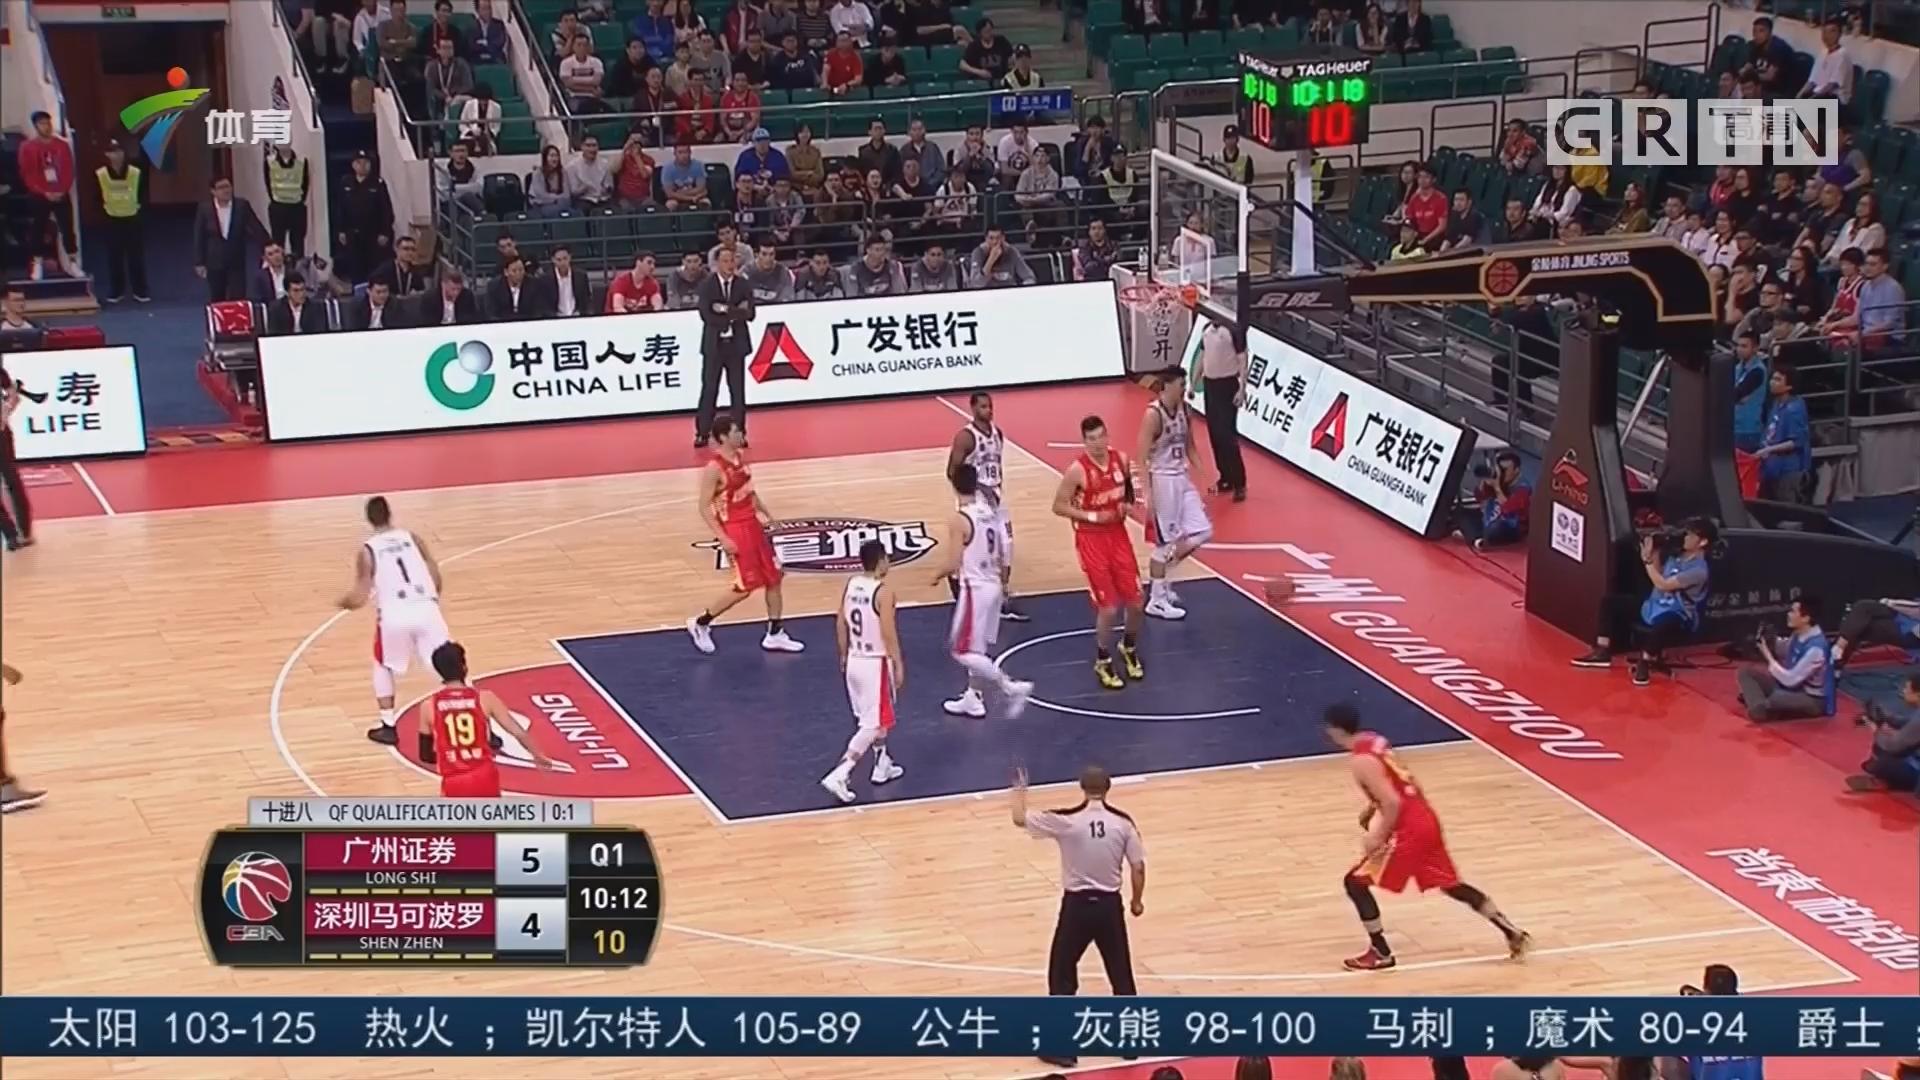 篮球评论员朱立宇:广州 vs 深圳